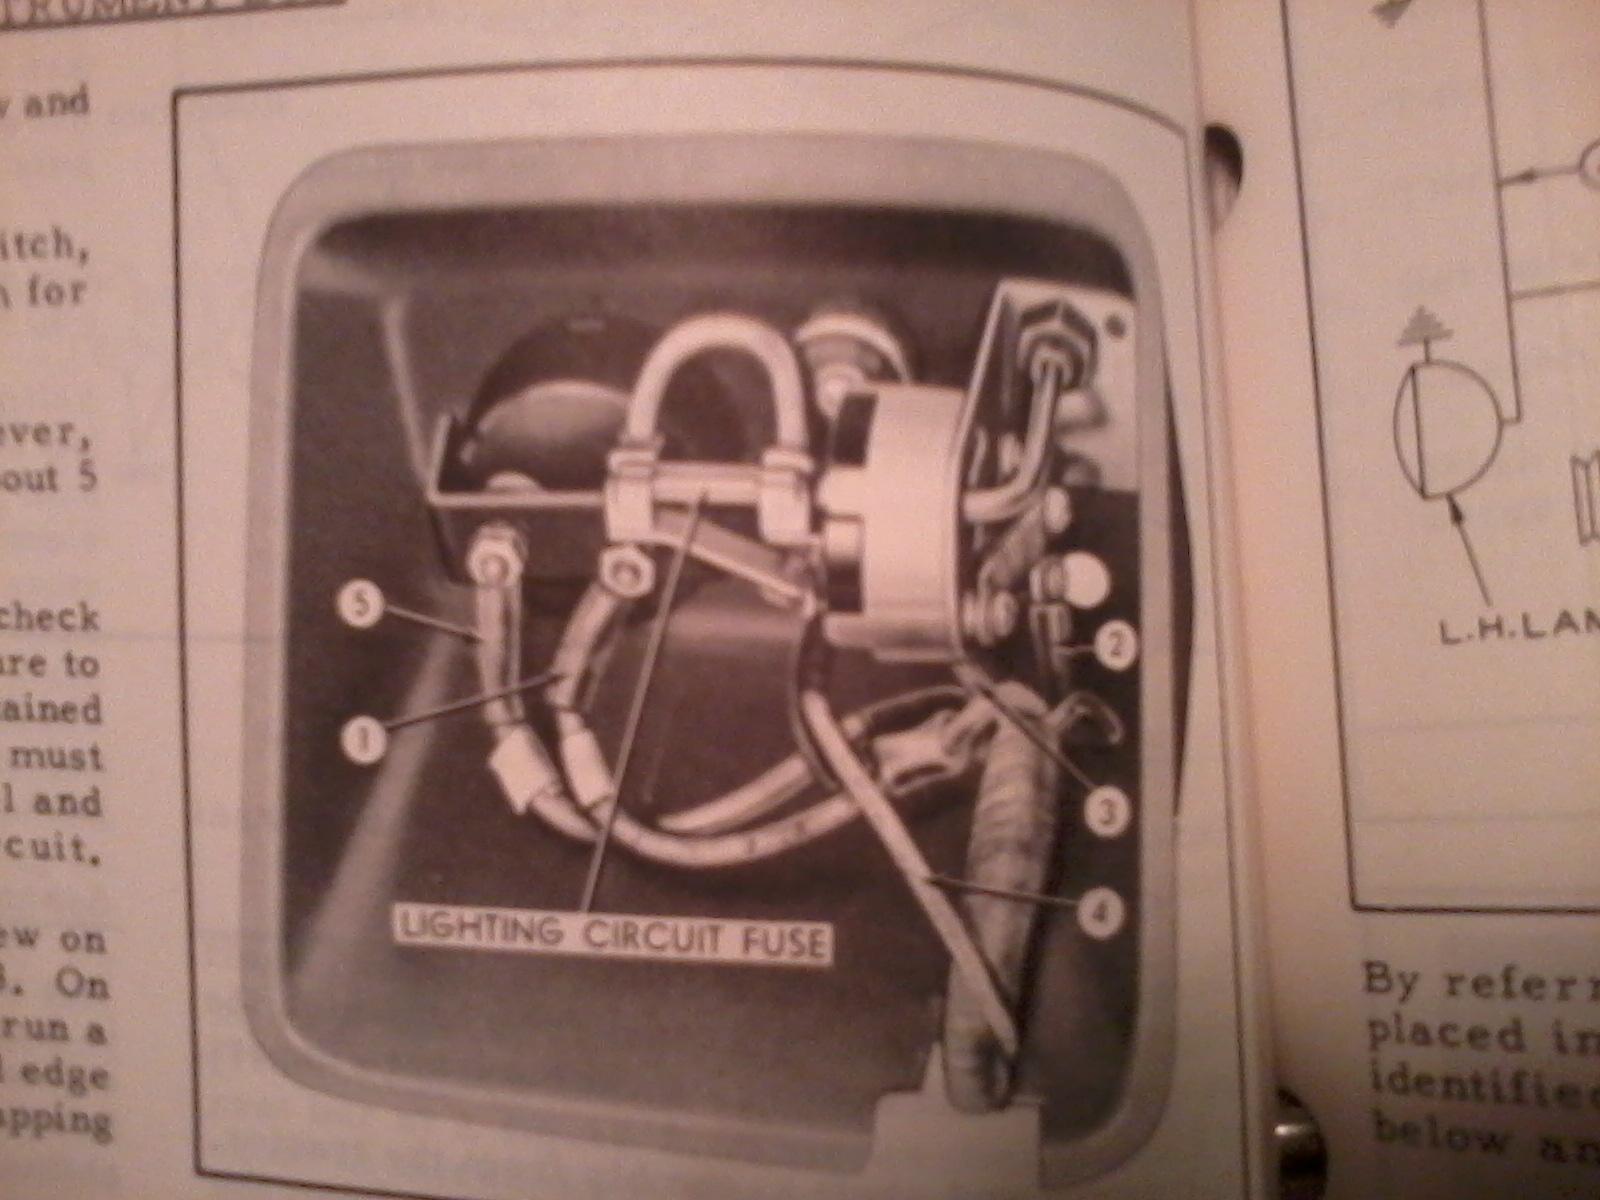 ac wd wiring diagram free download wiring diagram xwiaw ac plug rh xwiaw us allis chalmers wd45 wiring diagram Basic Engine Wiring Diagram Allis Chalmers C